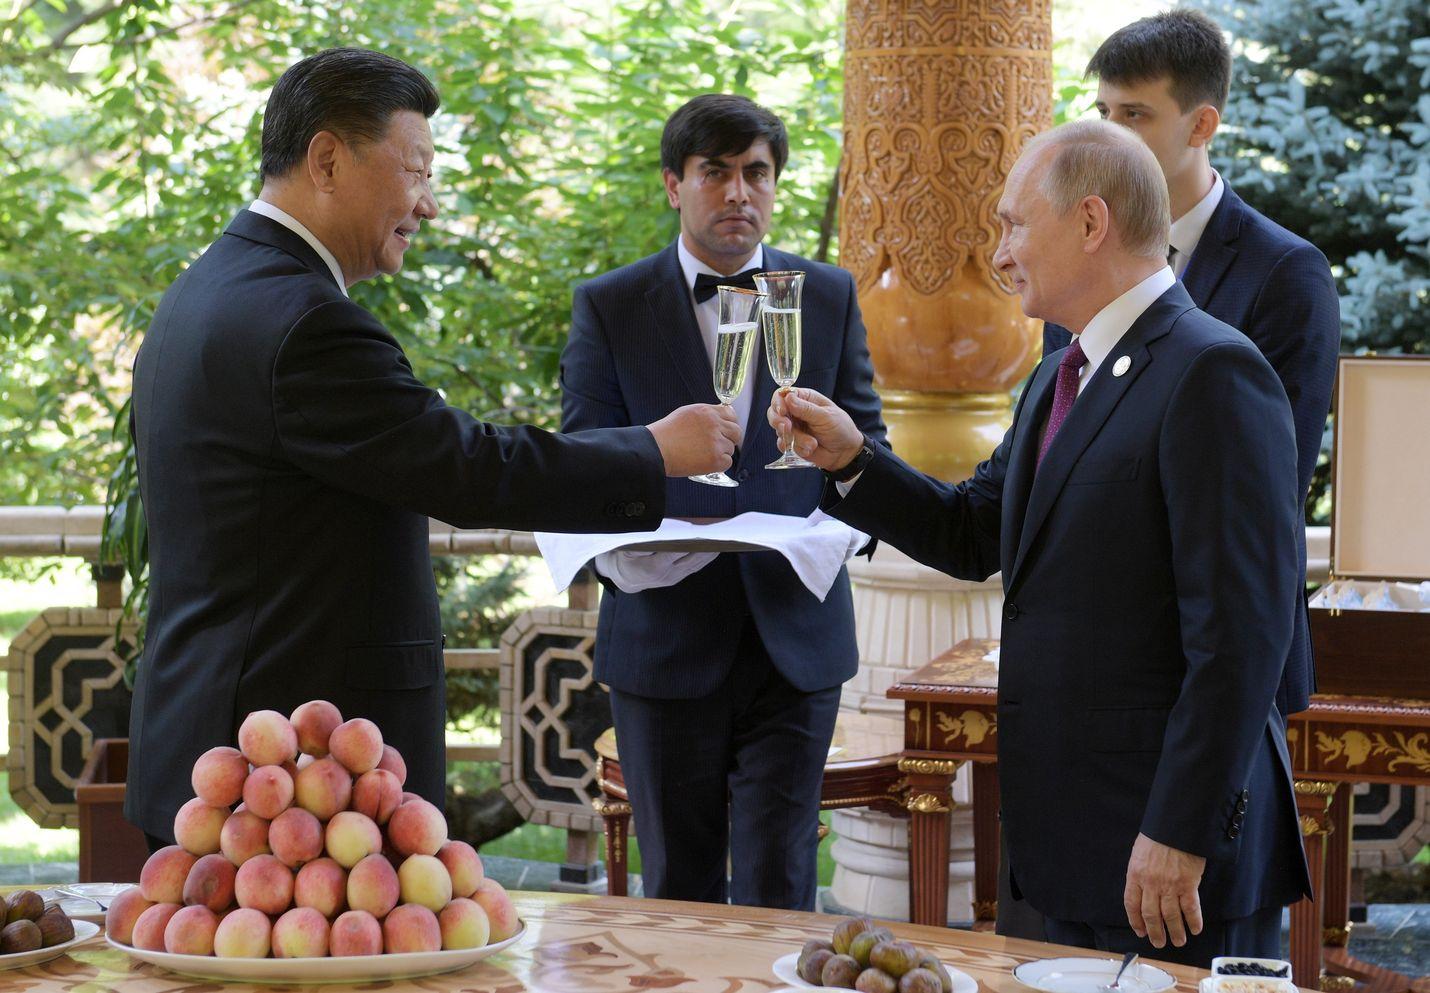 Kiinan presidentti Xi Jinping ja Venäjän presidentti Vladimir Putin kohottivat lauantaina maljat Xin 66-vuotispäivän kunniaksi.